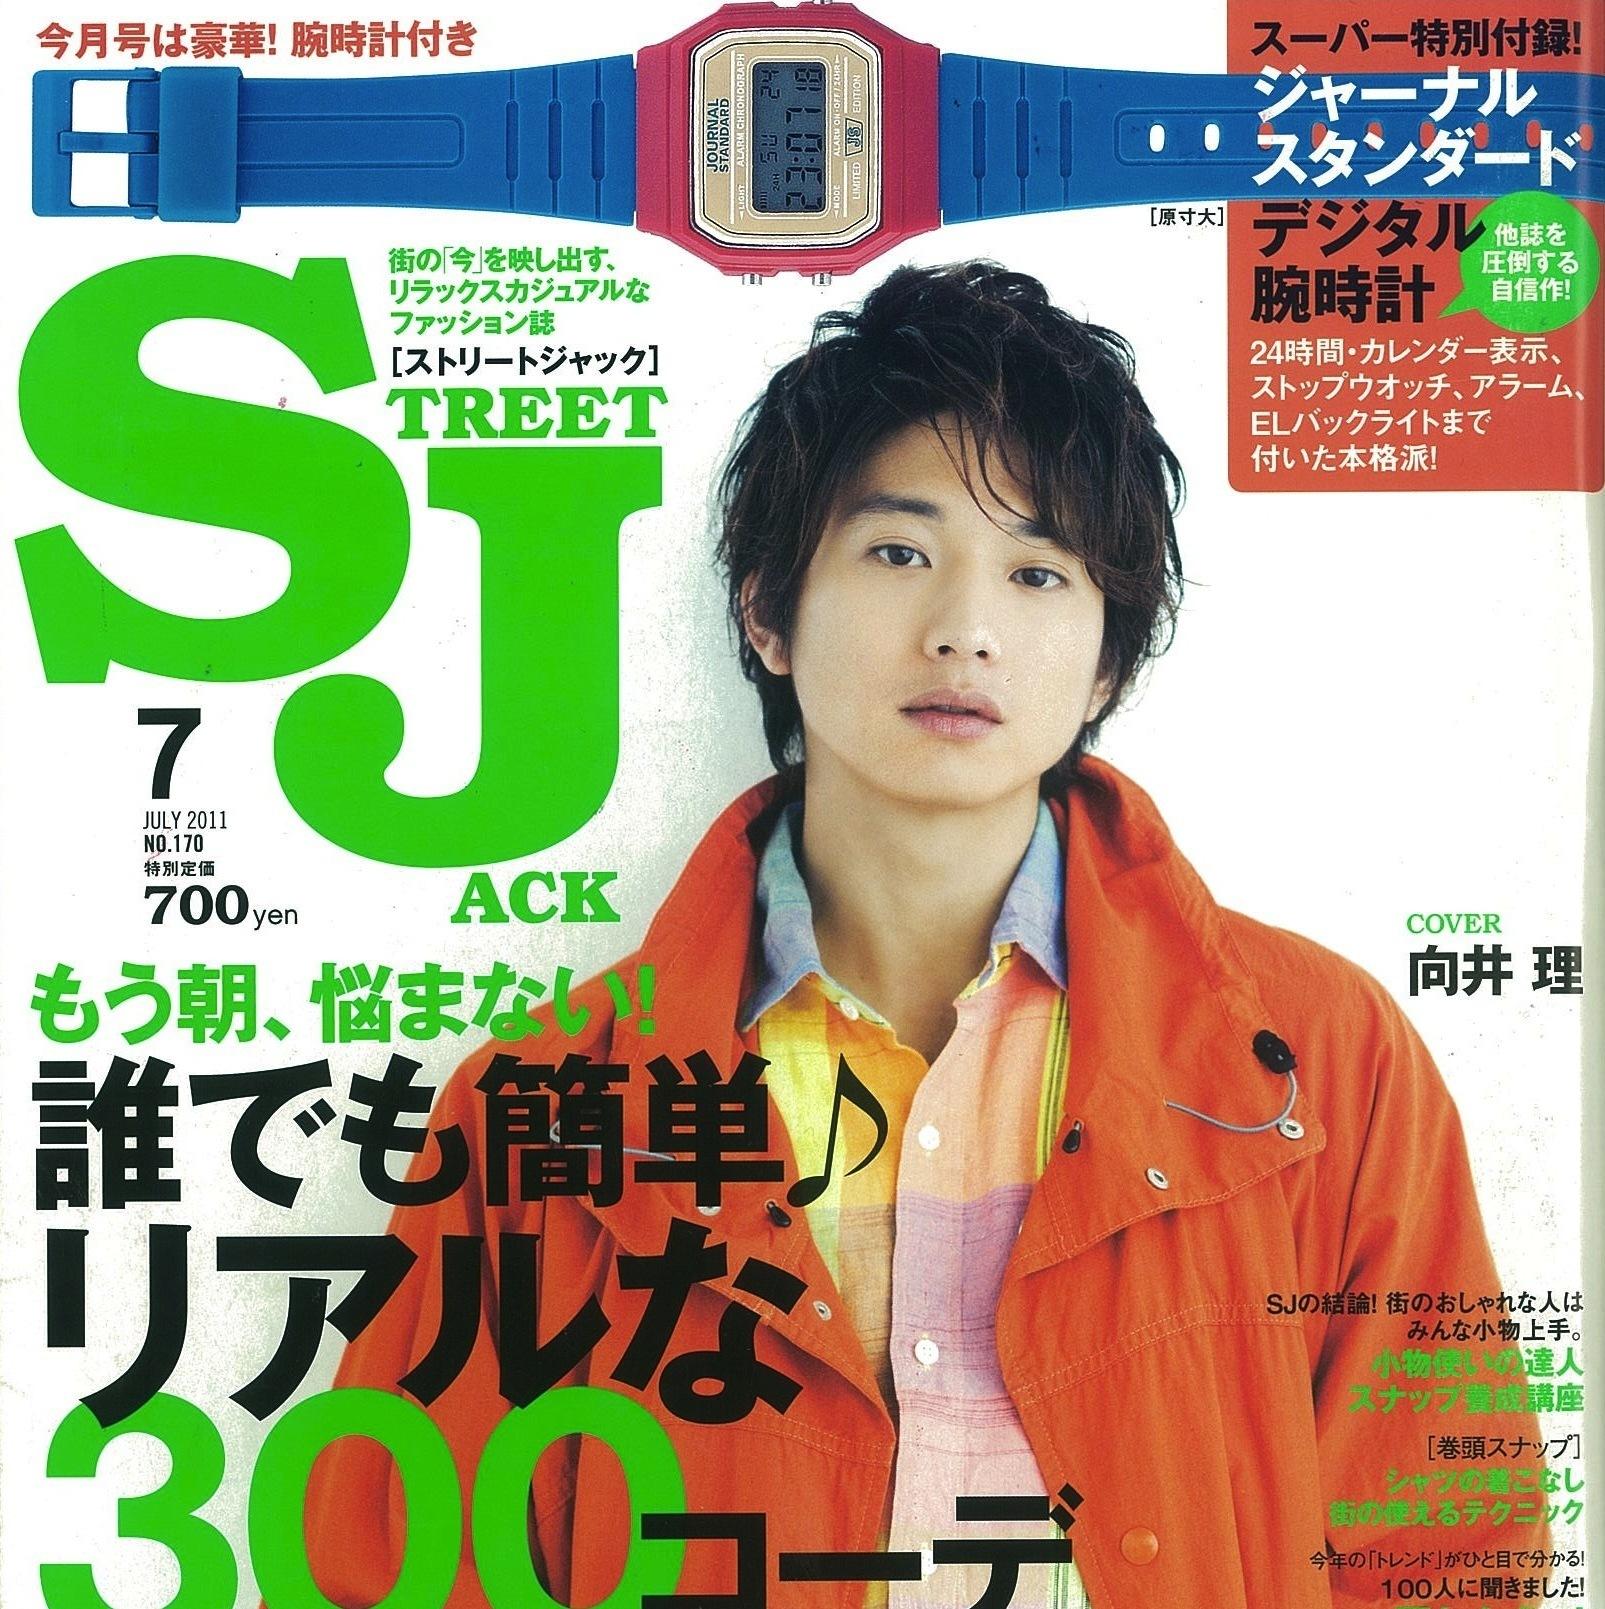 東日本大震災直後、ファッション誌は何を決意したのか。